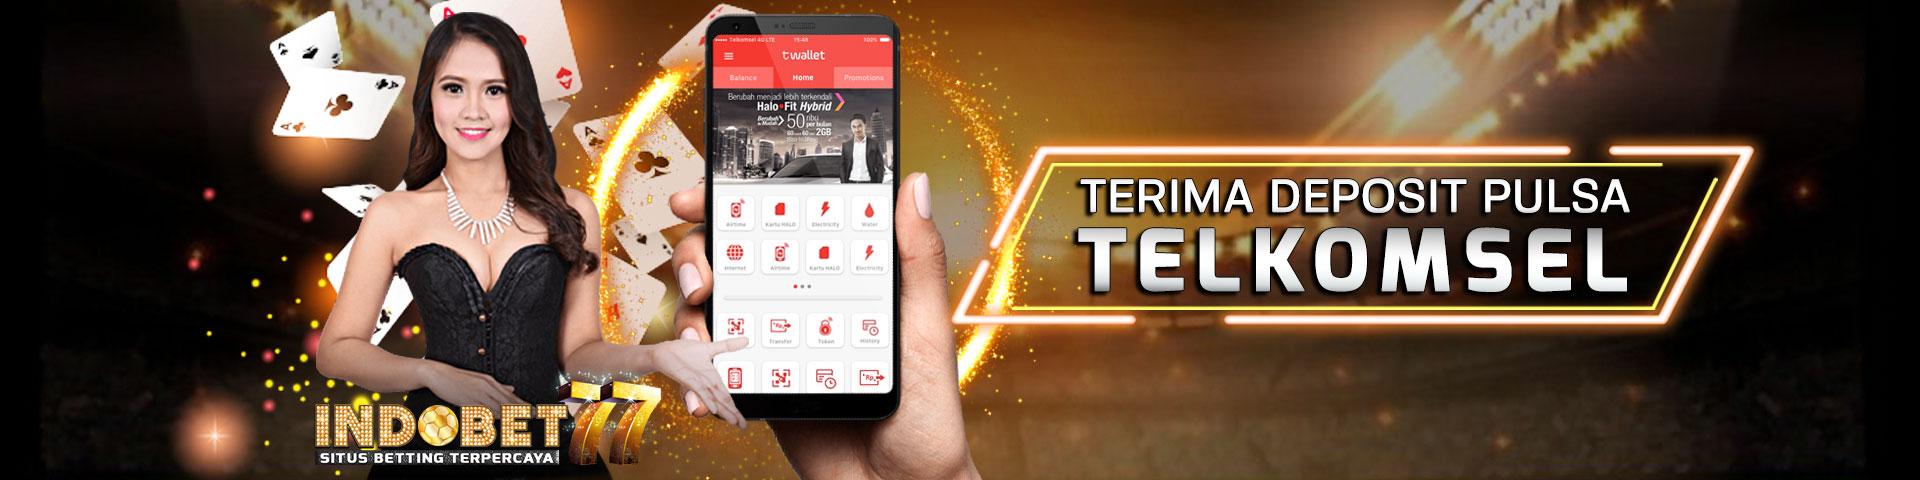 situs judi game slot online live22 indonesia deposit via pulsa xl dan telkomsel